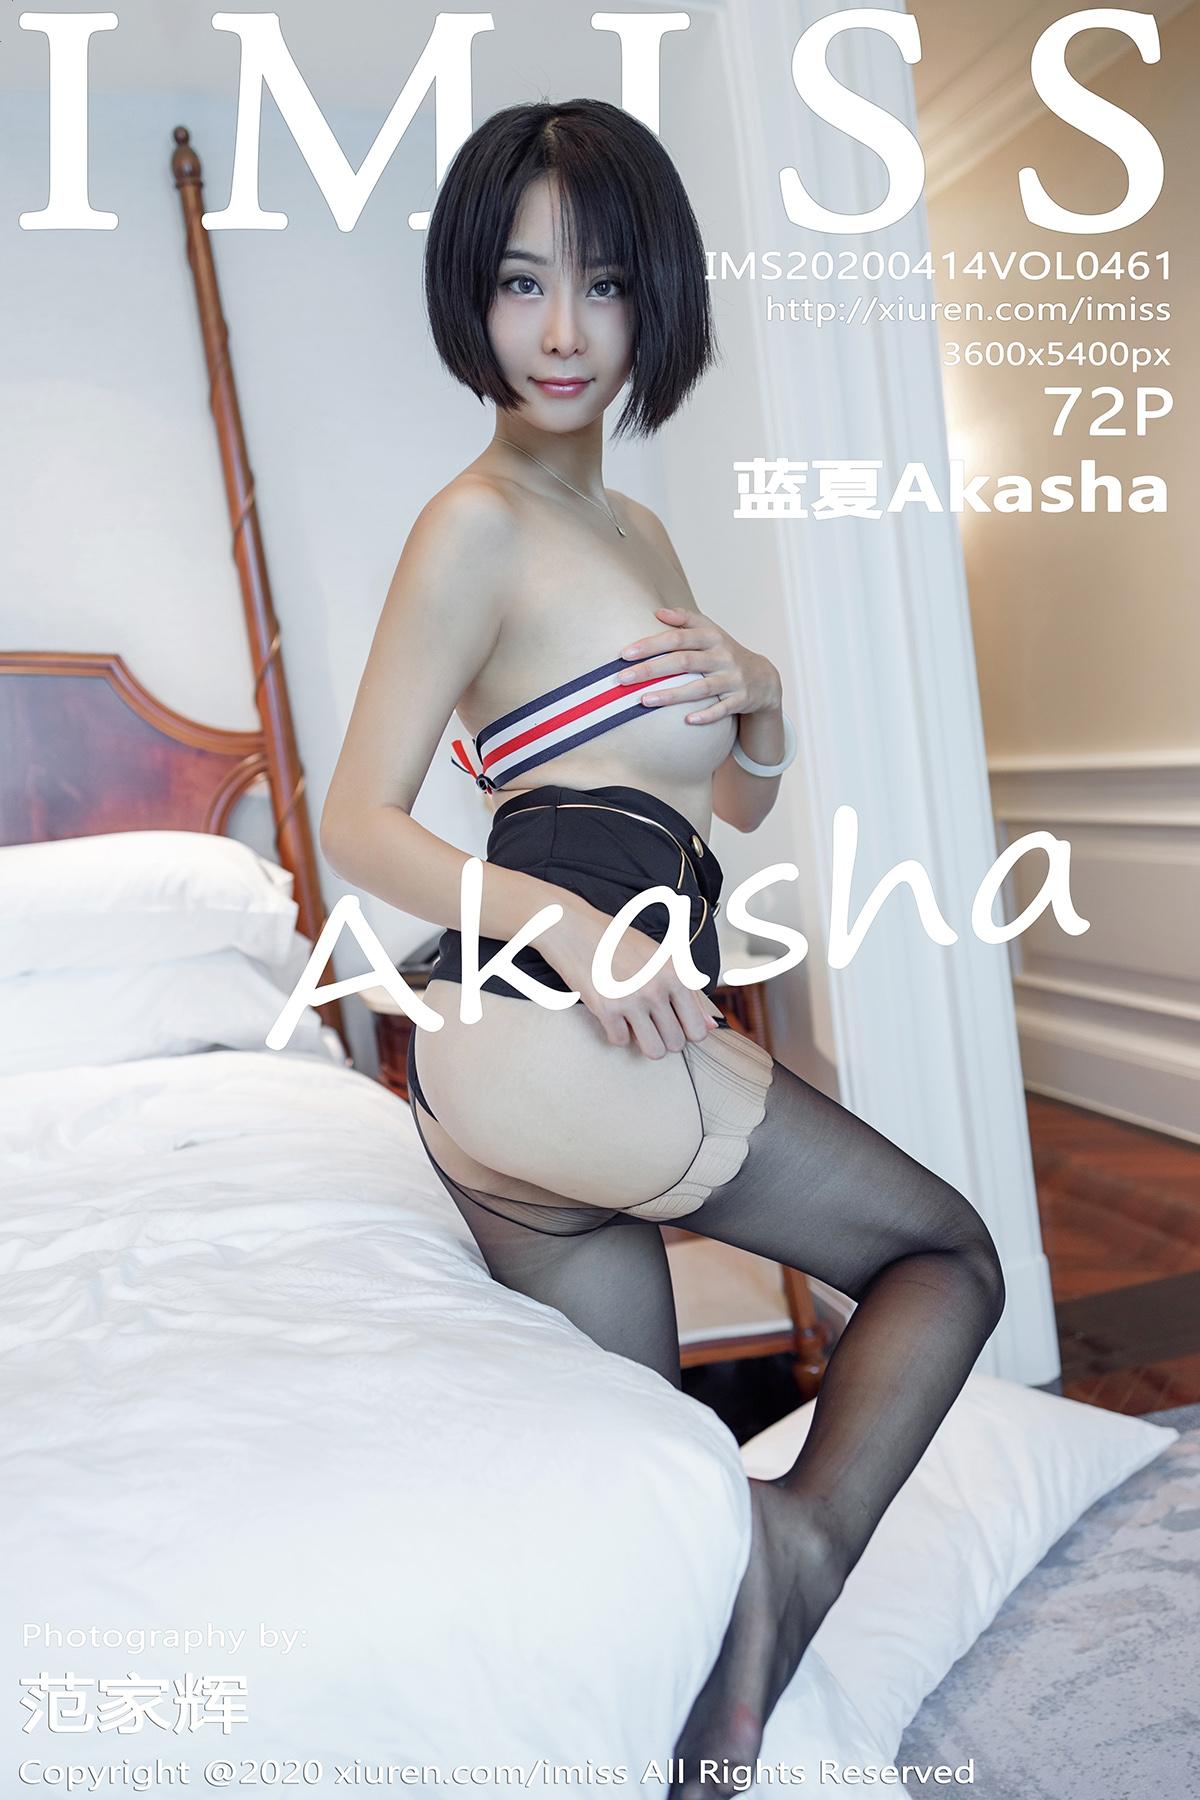 [IMISS爱蜜社]2020.04.14 VOL.461 蓝夏Akasha 黑丝 美胸[/181MB]